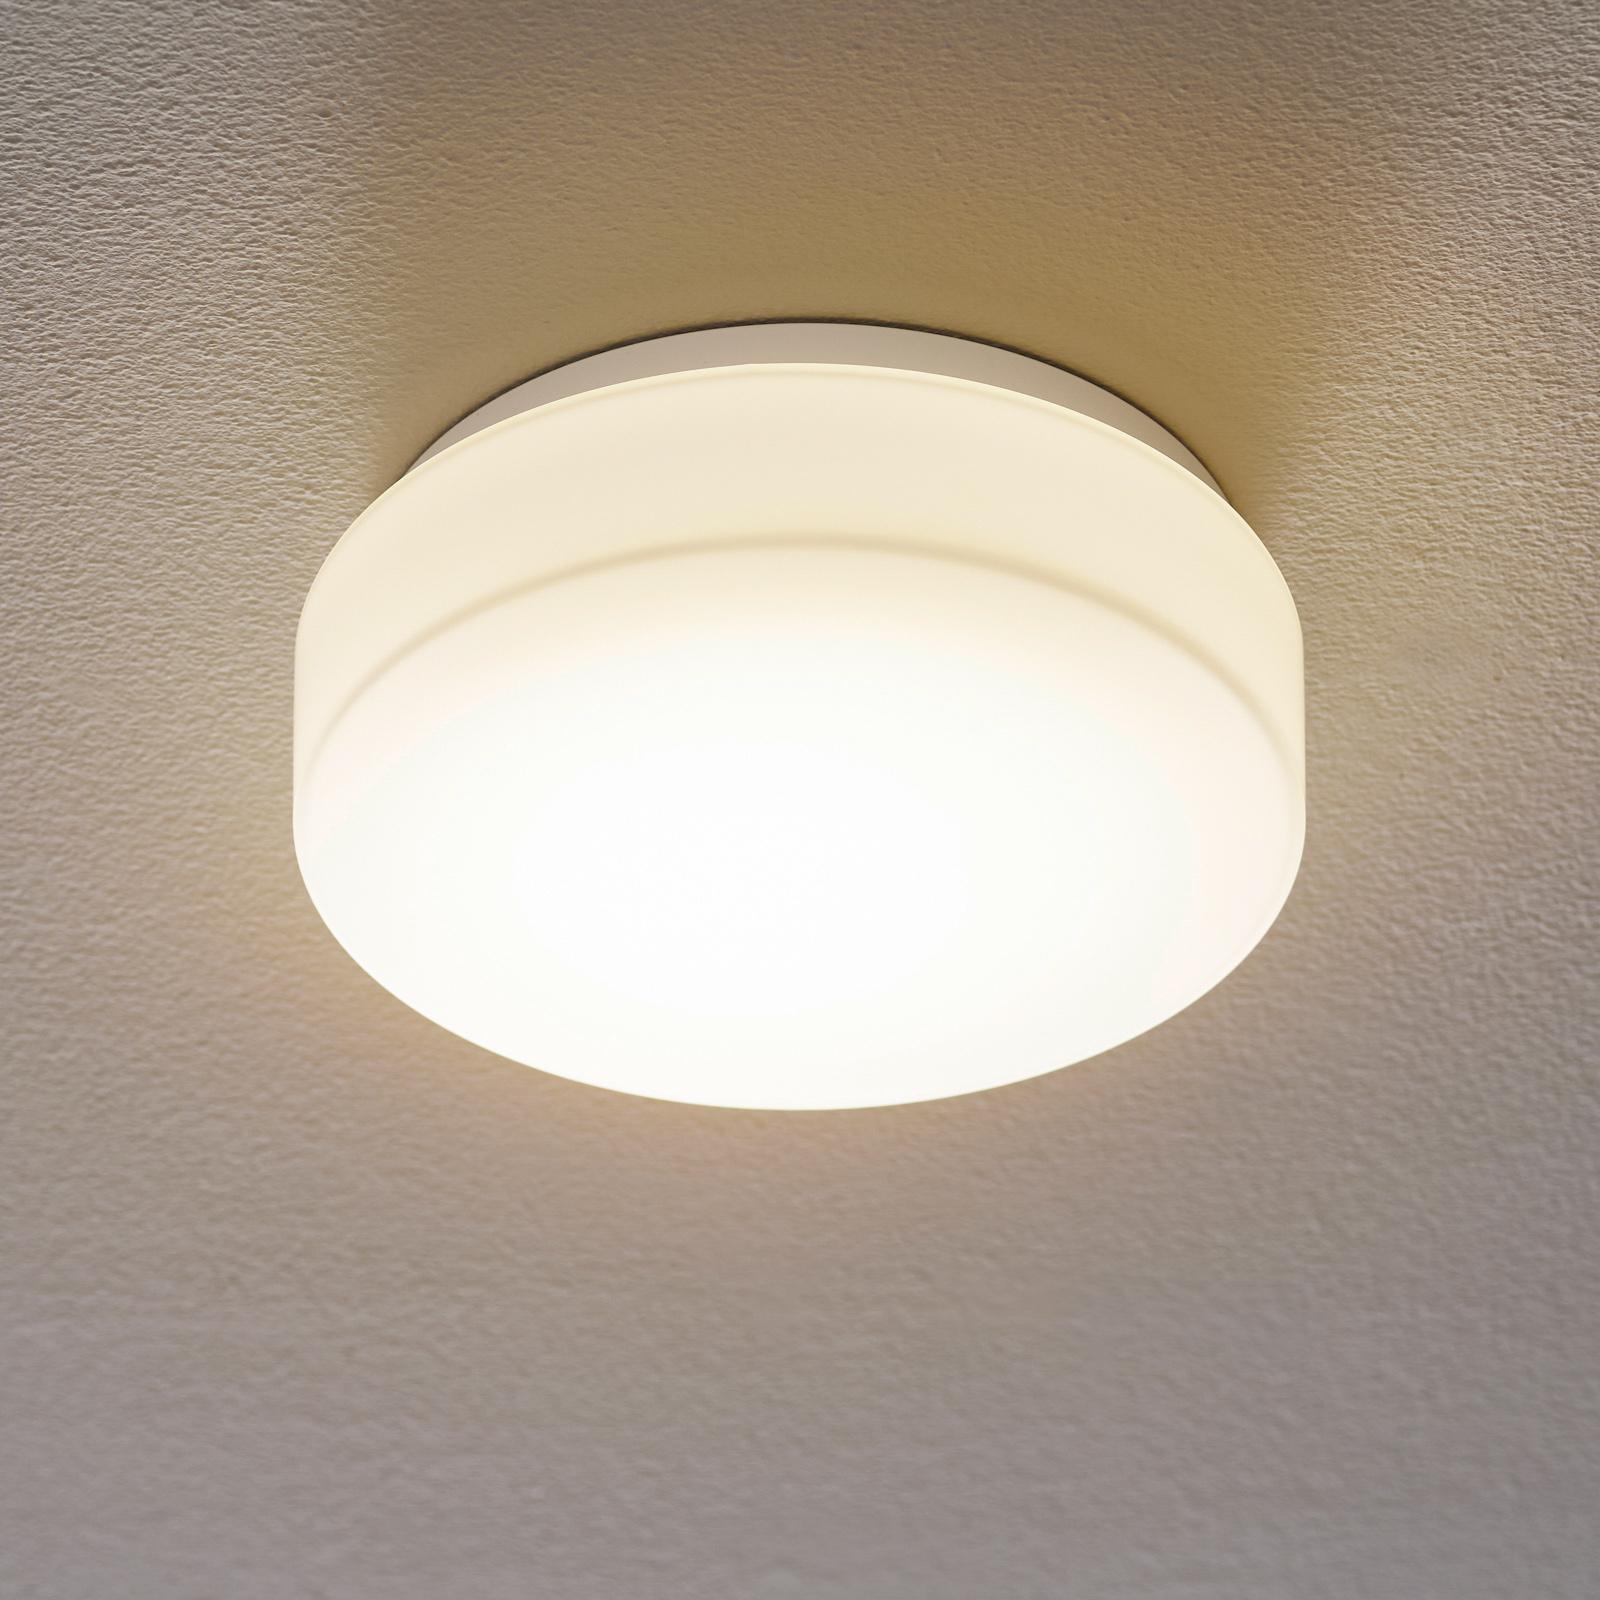 BEGA 50078 LED-taklampe DALI 3000K Ø25cm